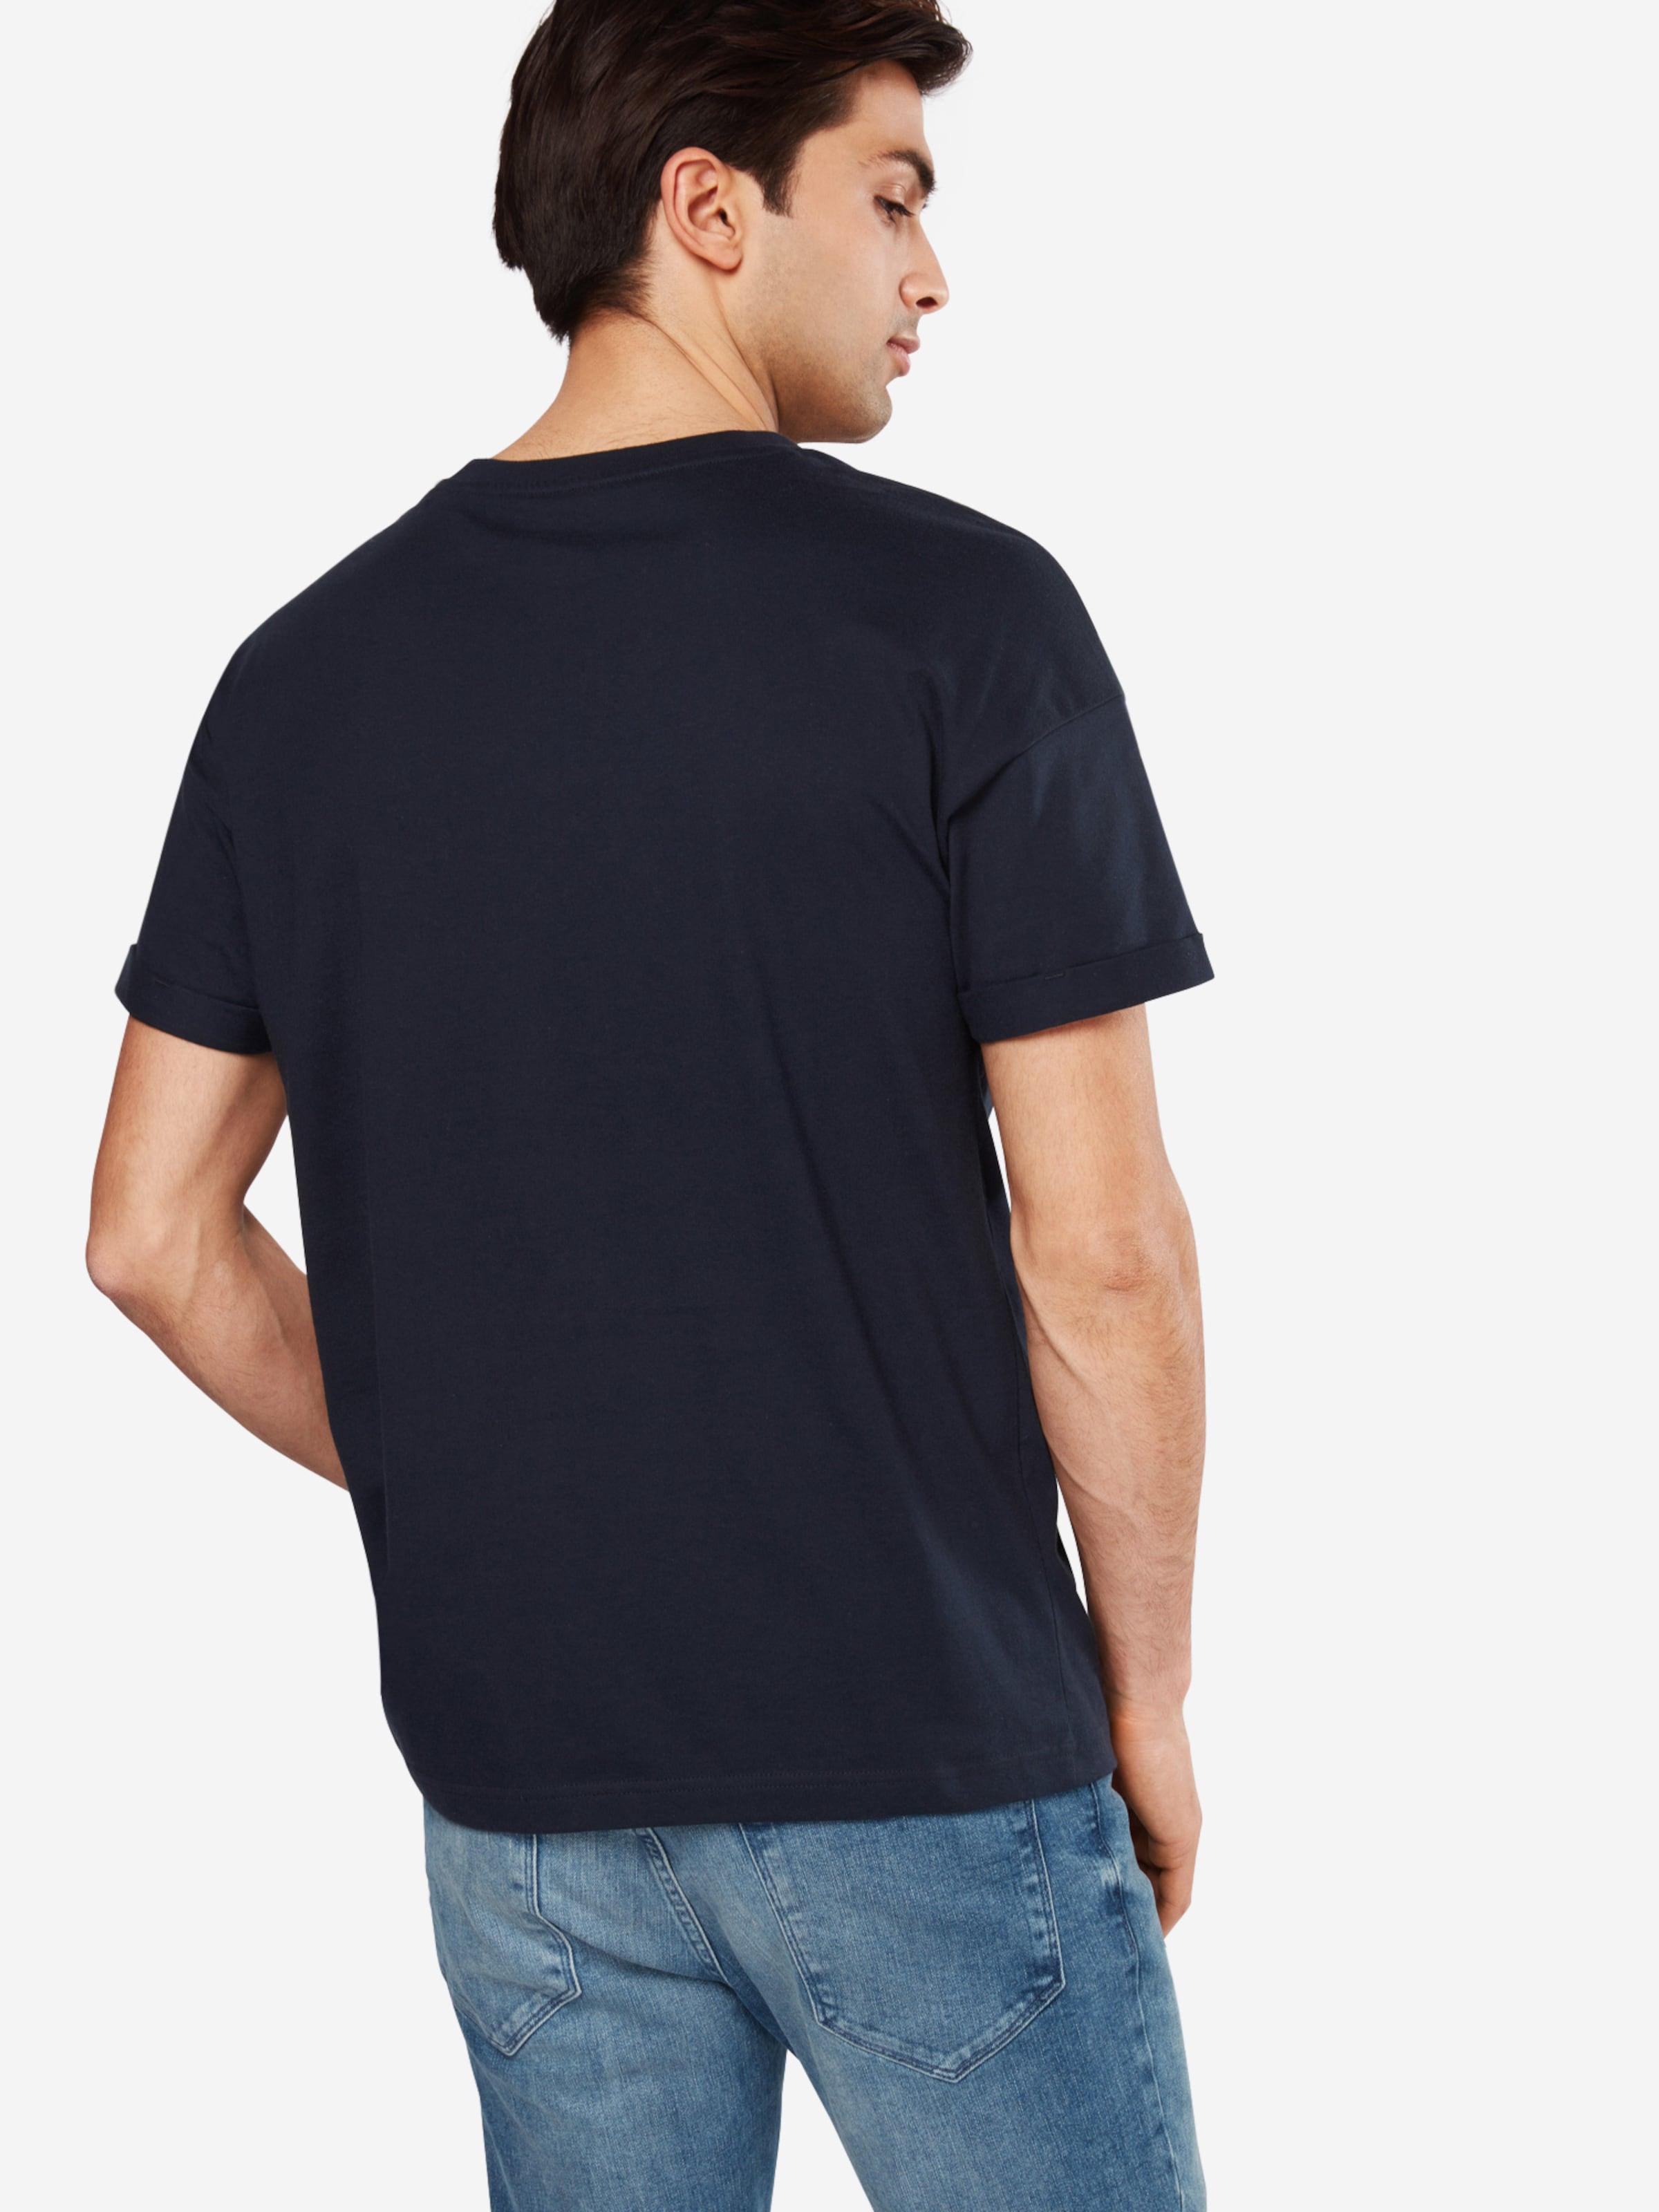 Review T-Shirt 'CHEST STITCH' Freies Verschiffen Browse 9hGiwywX